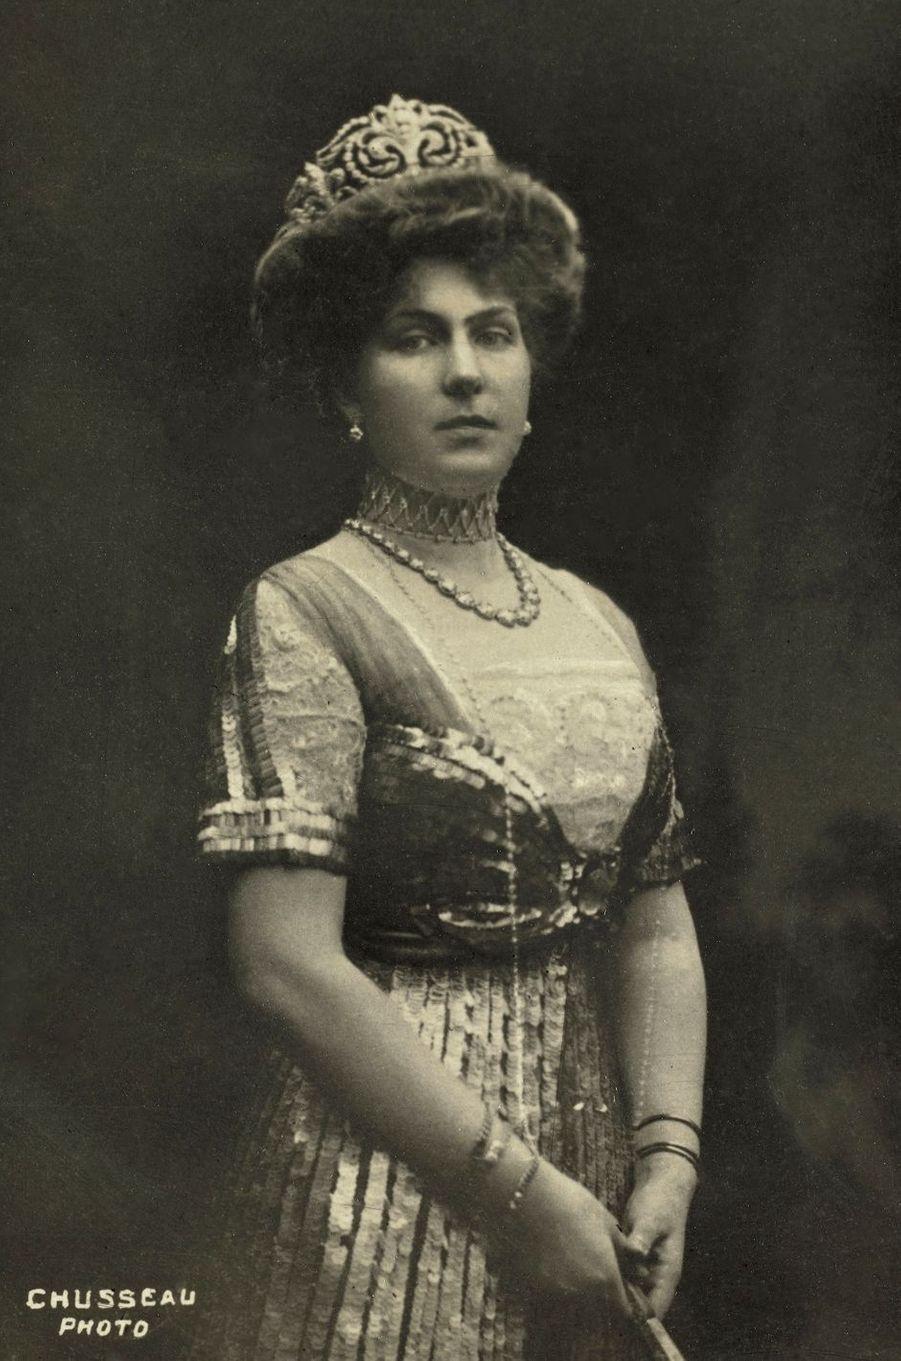 """La reine Victoria-Eugenie d'Espagne coiffée du diadème """"fleur de lys"""" après qu'elle l'ait fait modifier"""